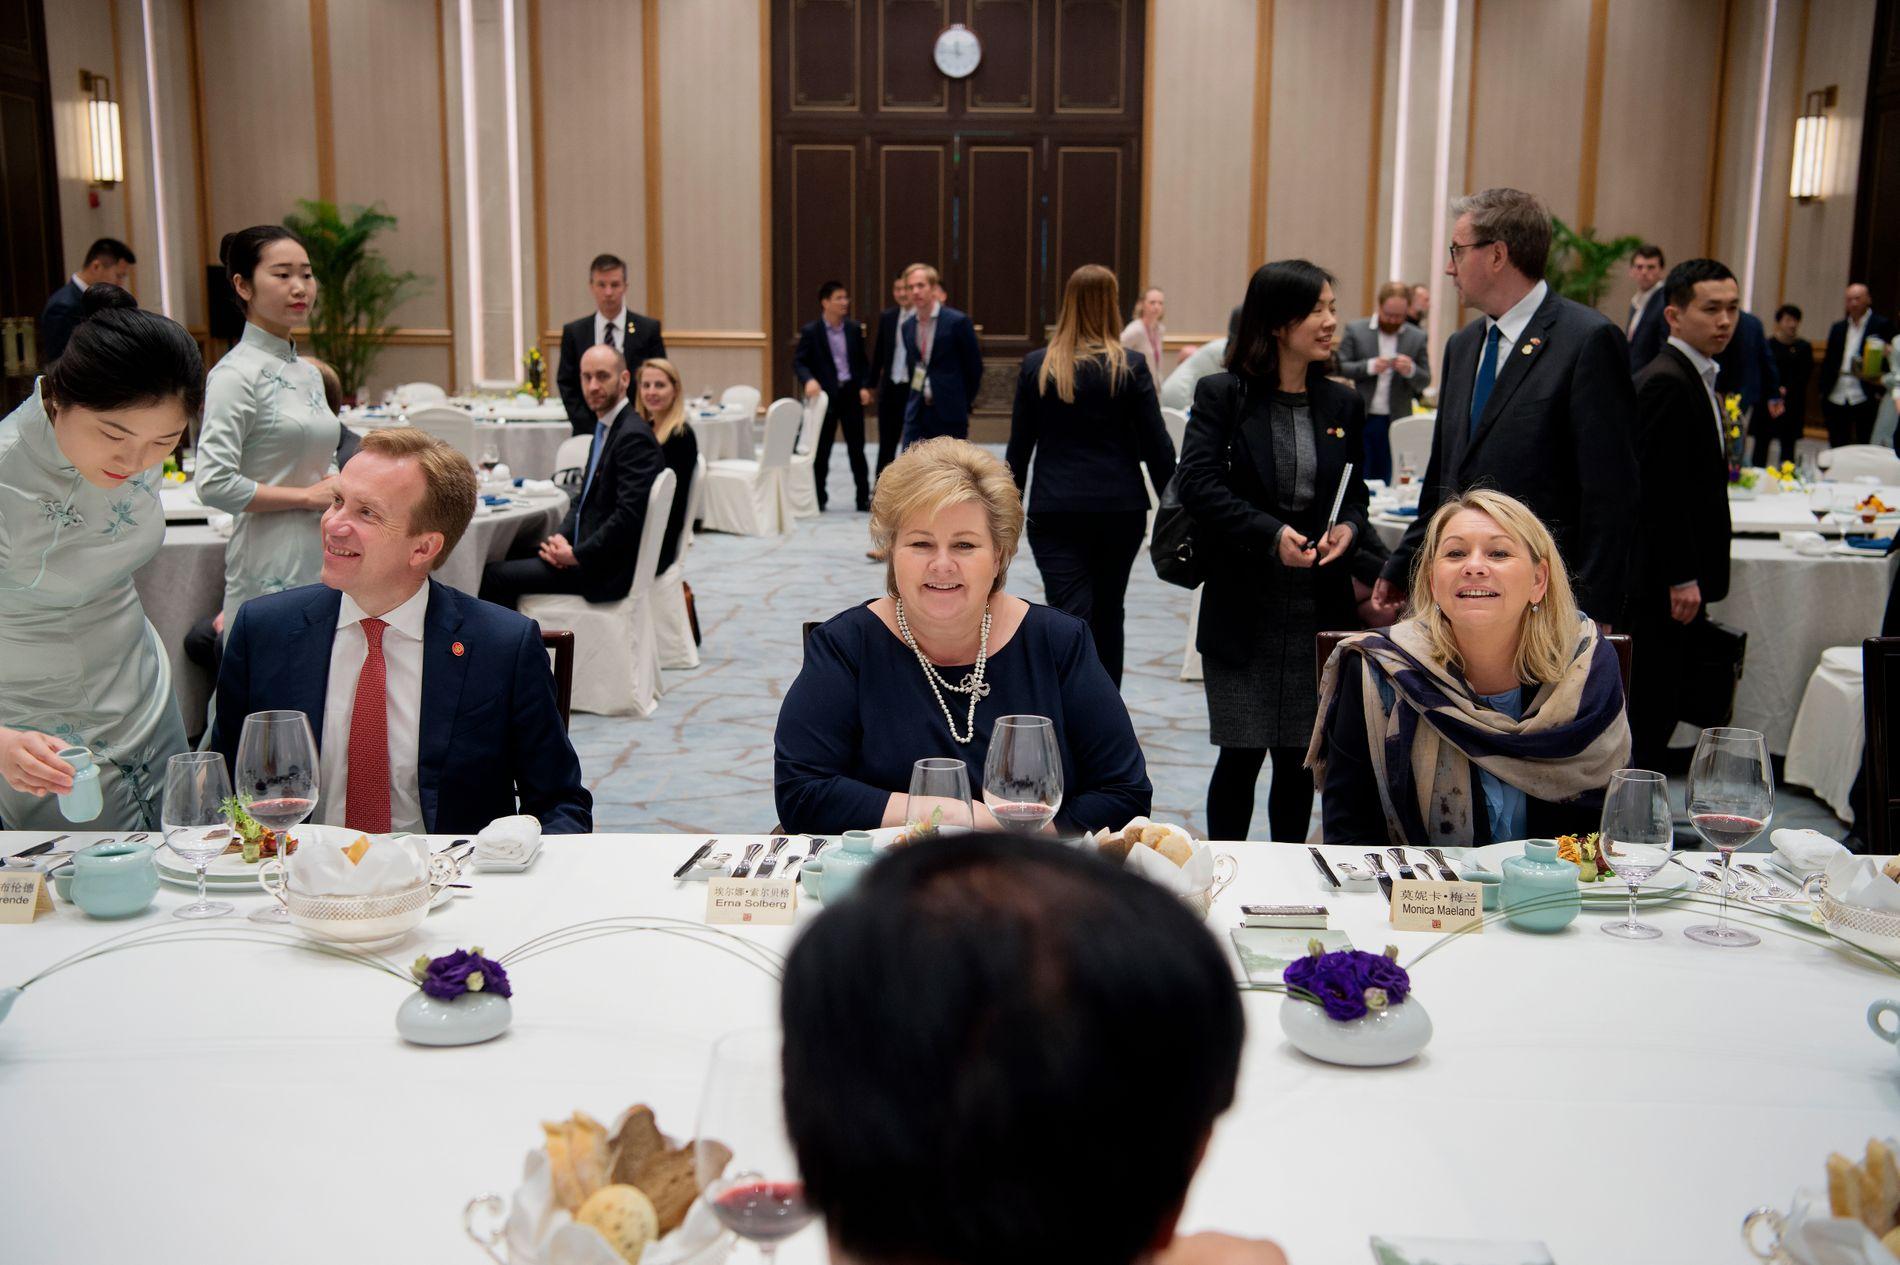 KINA-TUREN: Statsminister Erna Solberg, næringsminister Monica Mæland og utenriksminister Børge Brænde var i Kina i april for å gjenoppta normale relasjoner. Nå vil et statseid anleggsselskap bygge vei og bruer i Norge.